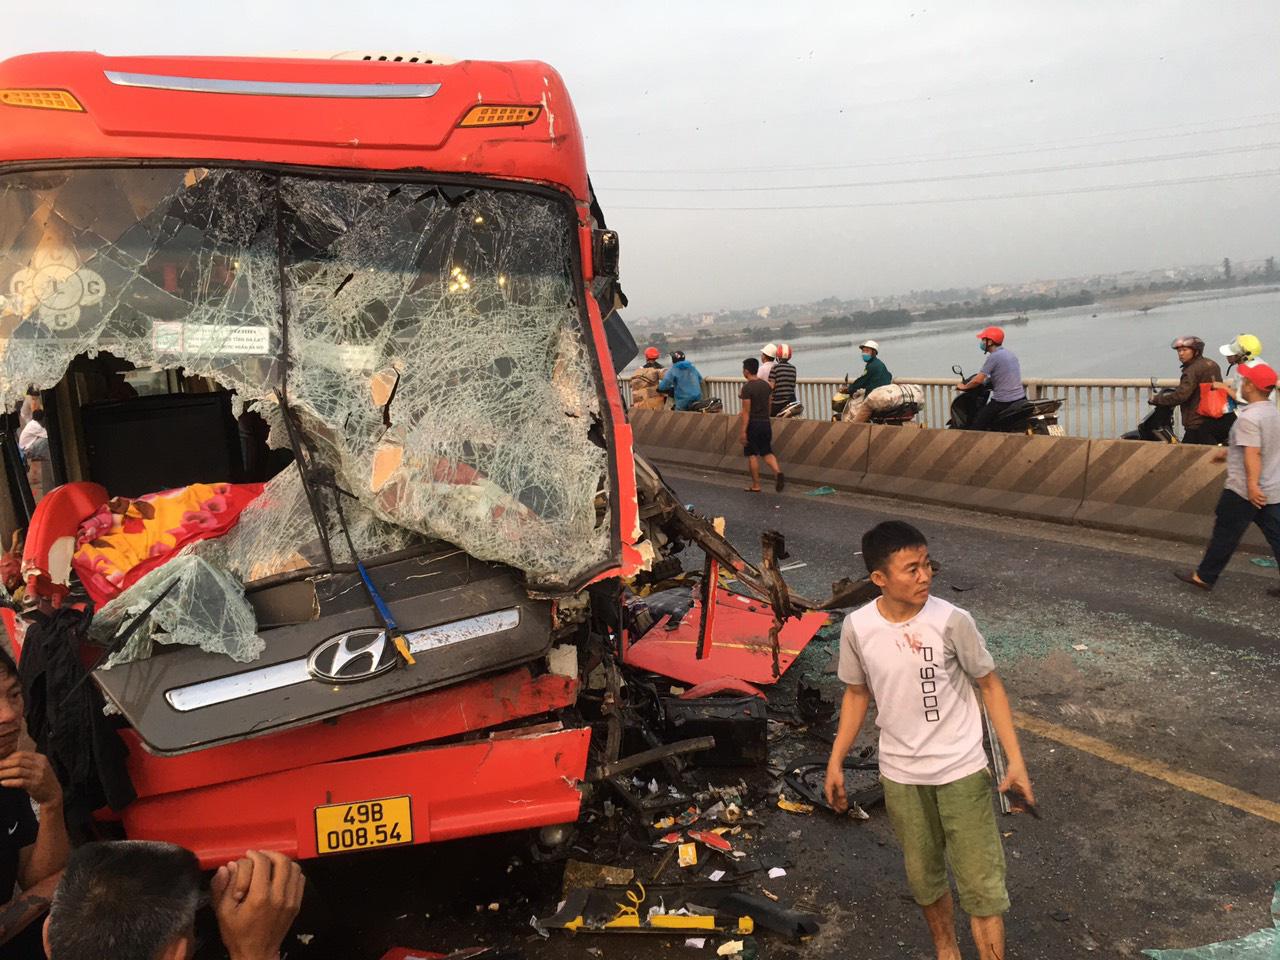 Xe khách đối đầu xe tải 1 người tử vong hàng chục người đập kính thoát nạn - Ảnh 1.